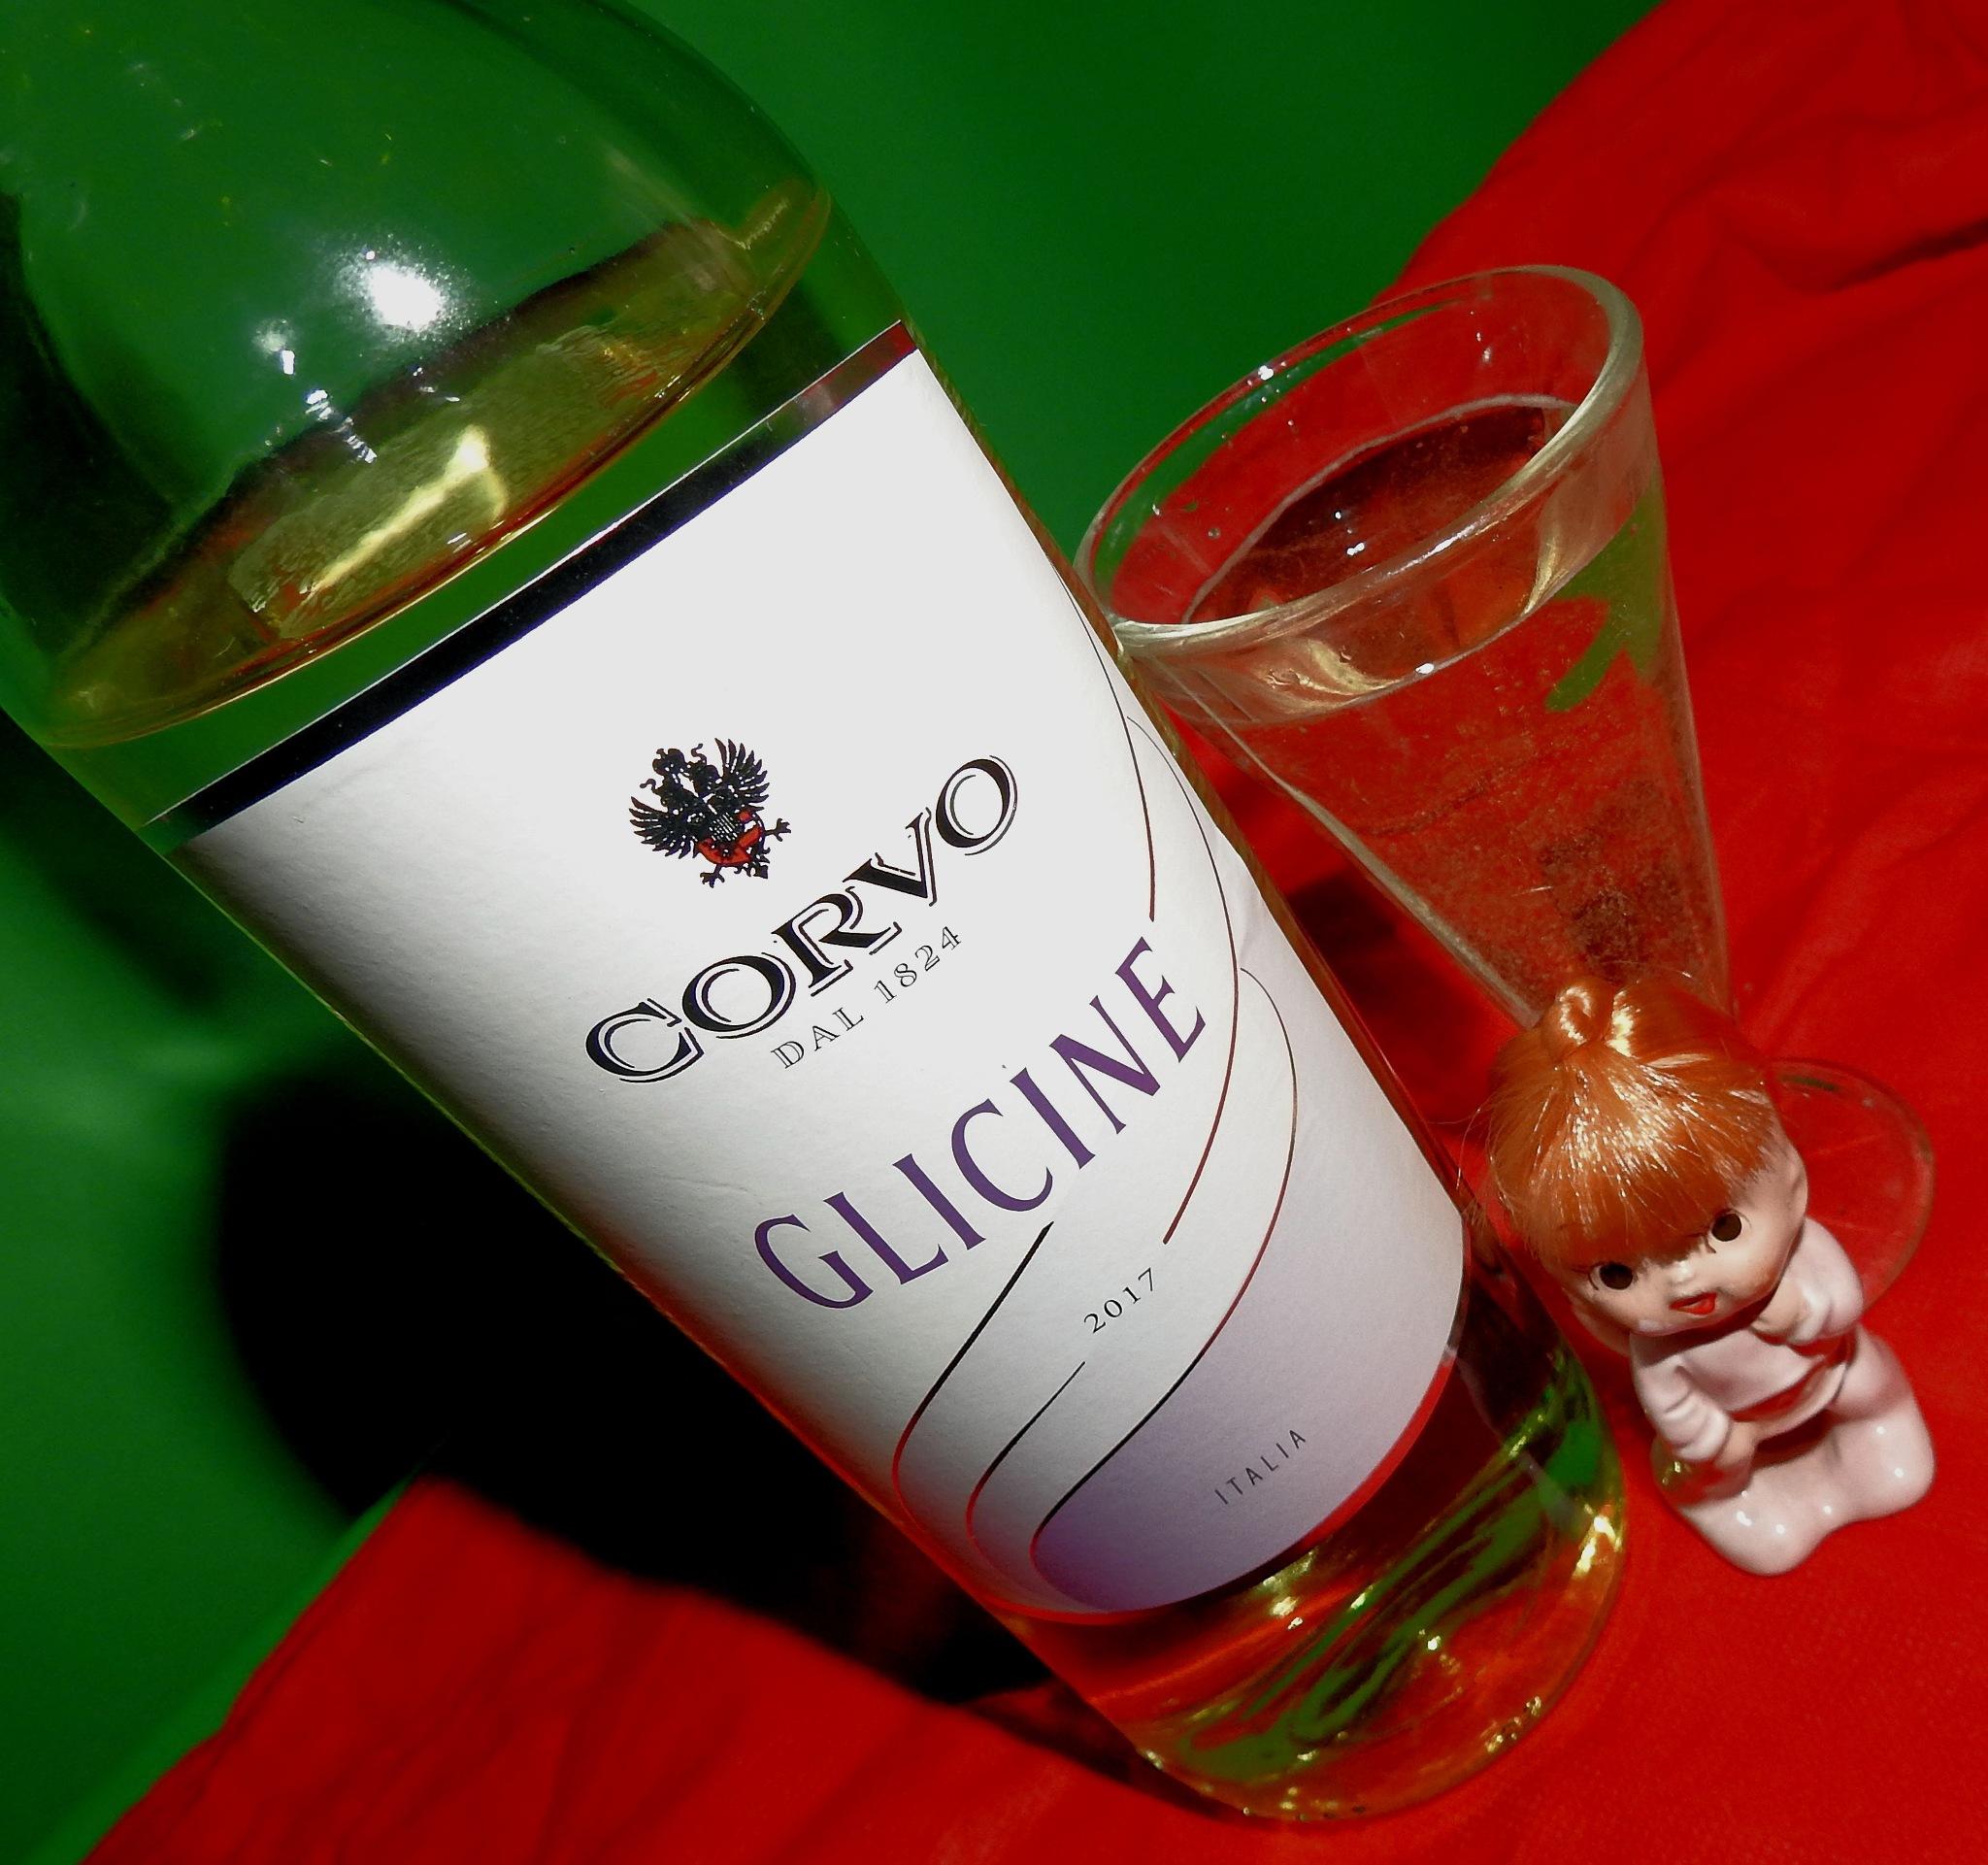 Italian Wine - Corvo - Glicine - 11° - Terre Siciliane  - Marsala  by Delirium Tremends 62